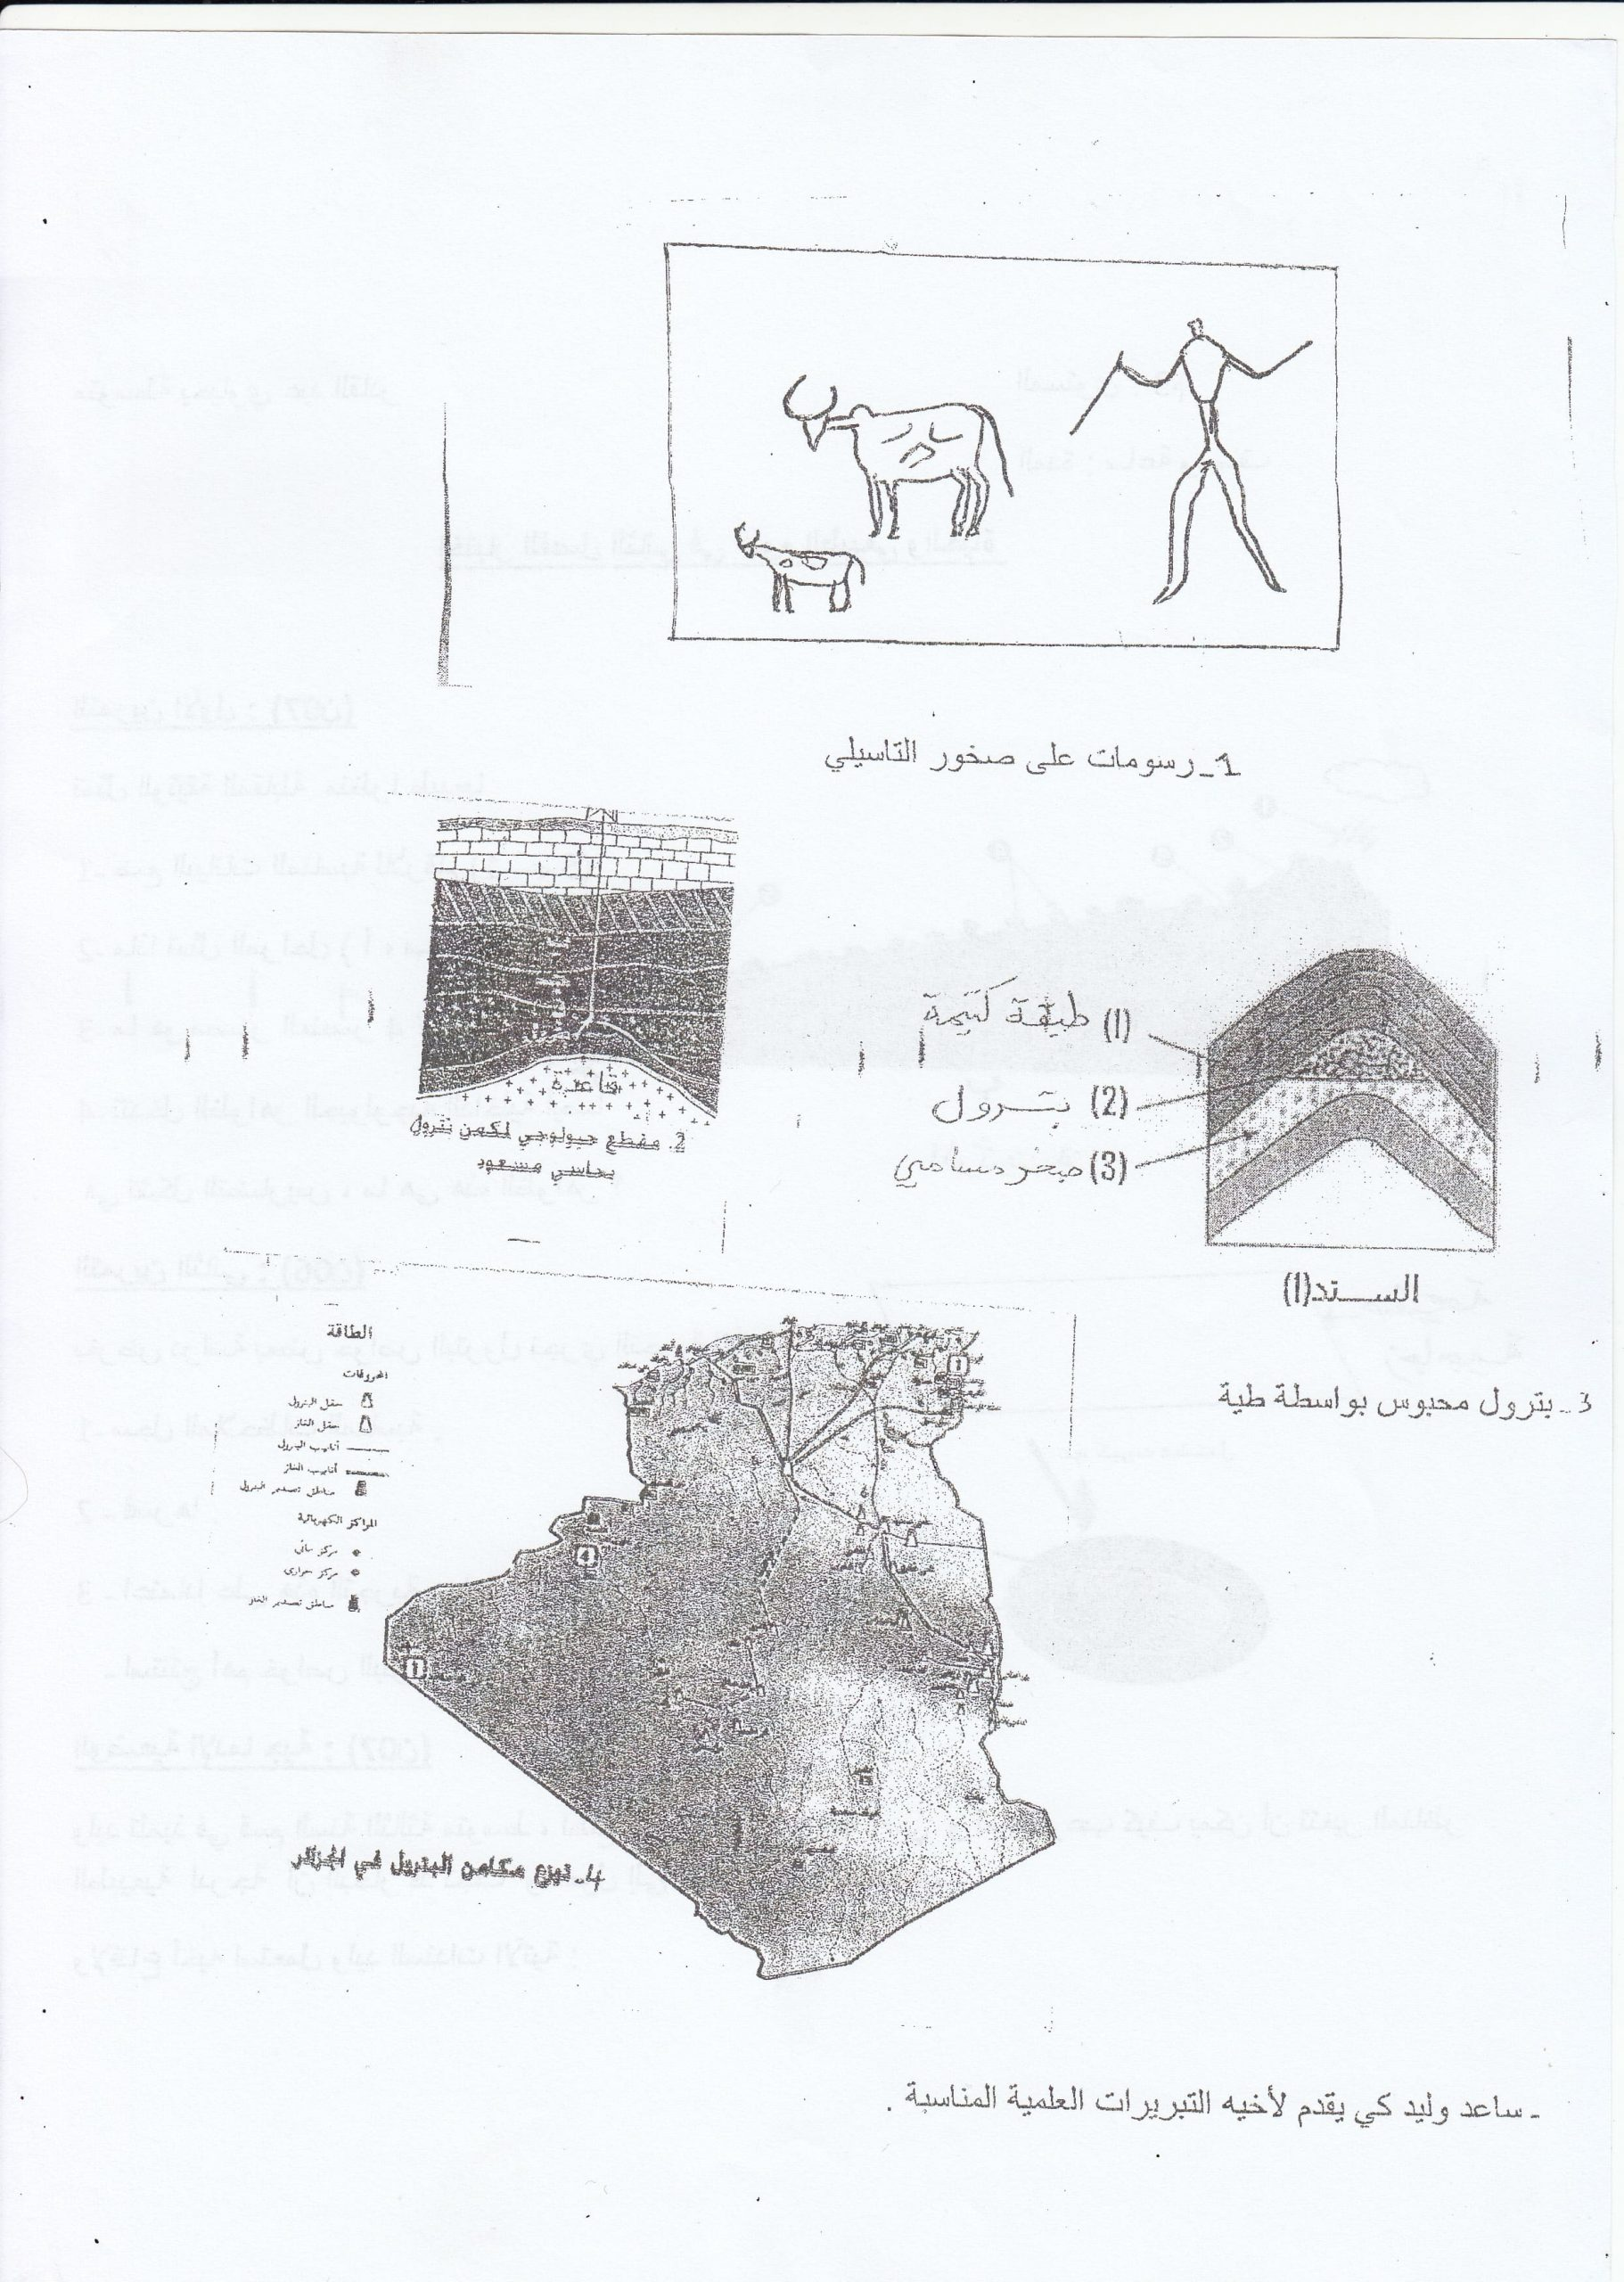 اختبار الفصل الثاني في العلوم الطبيعية السنة الثالثة متوسط | الموضوع 02